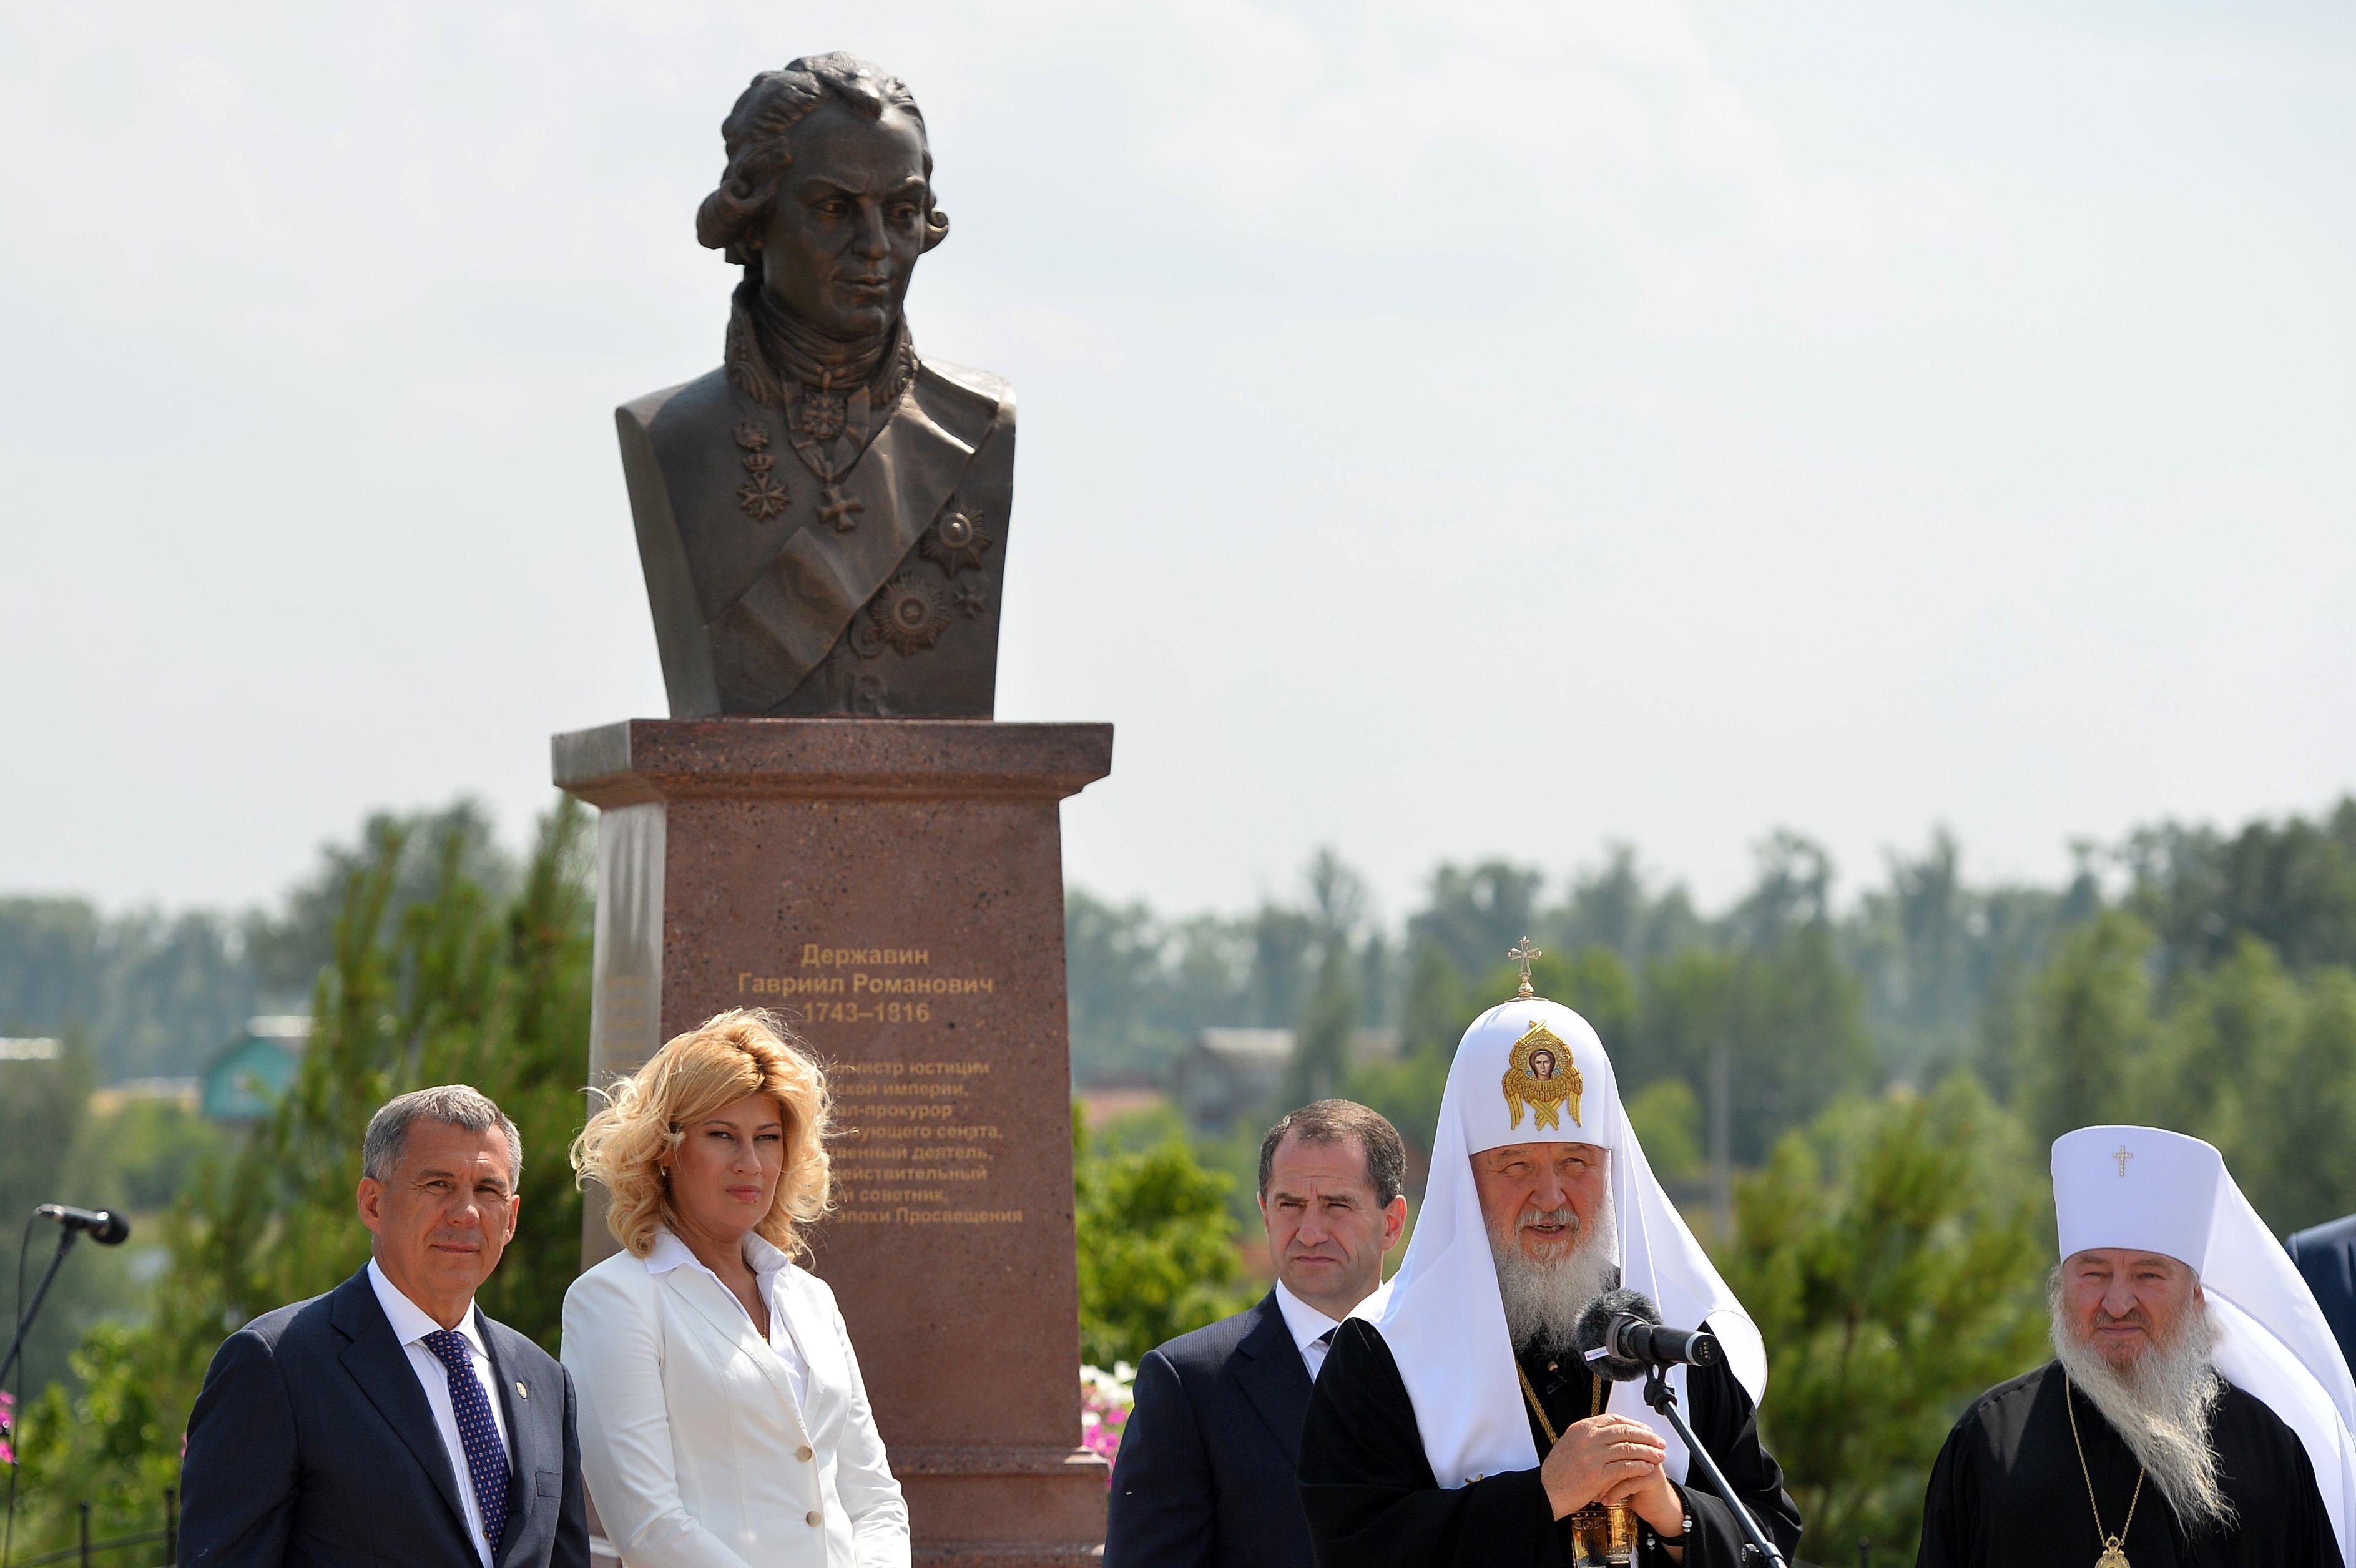 В Татарстане установили памятник Державину